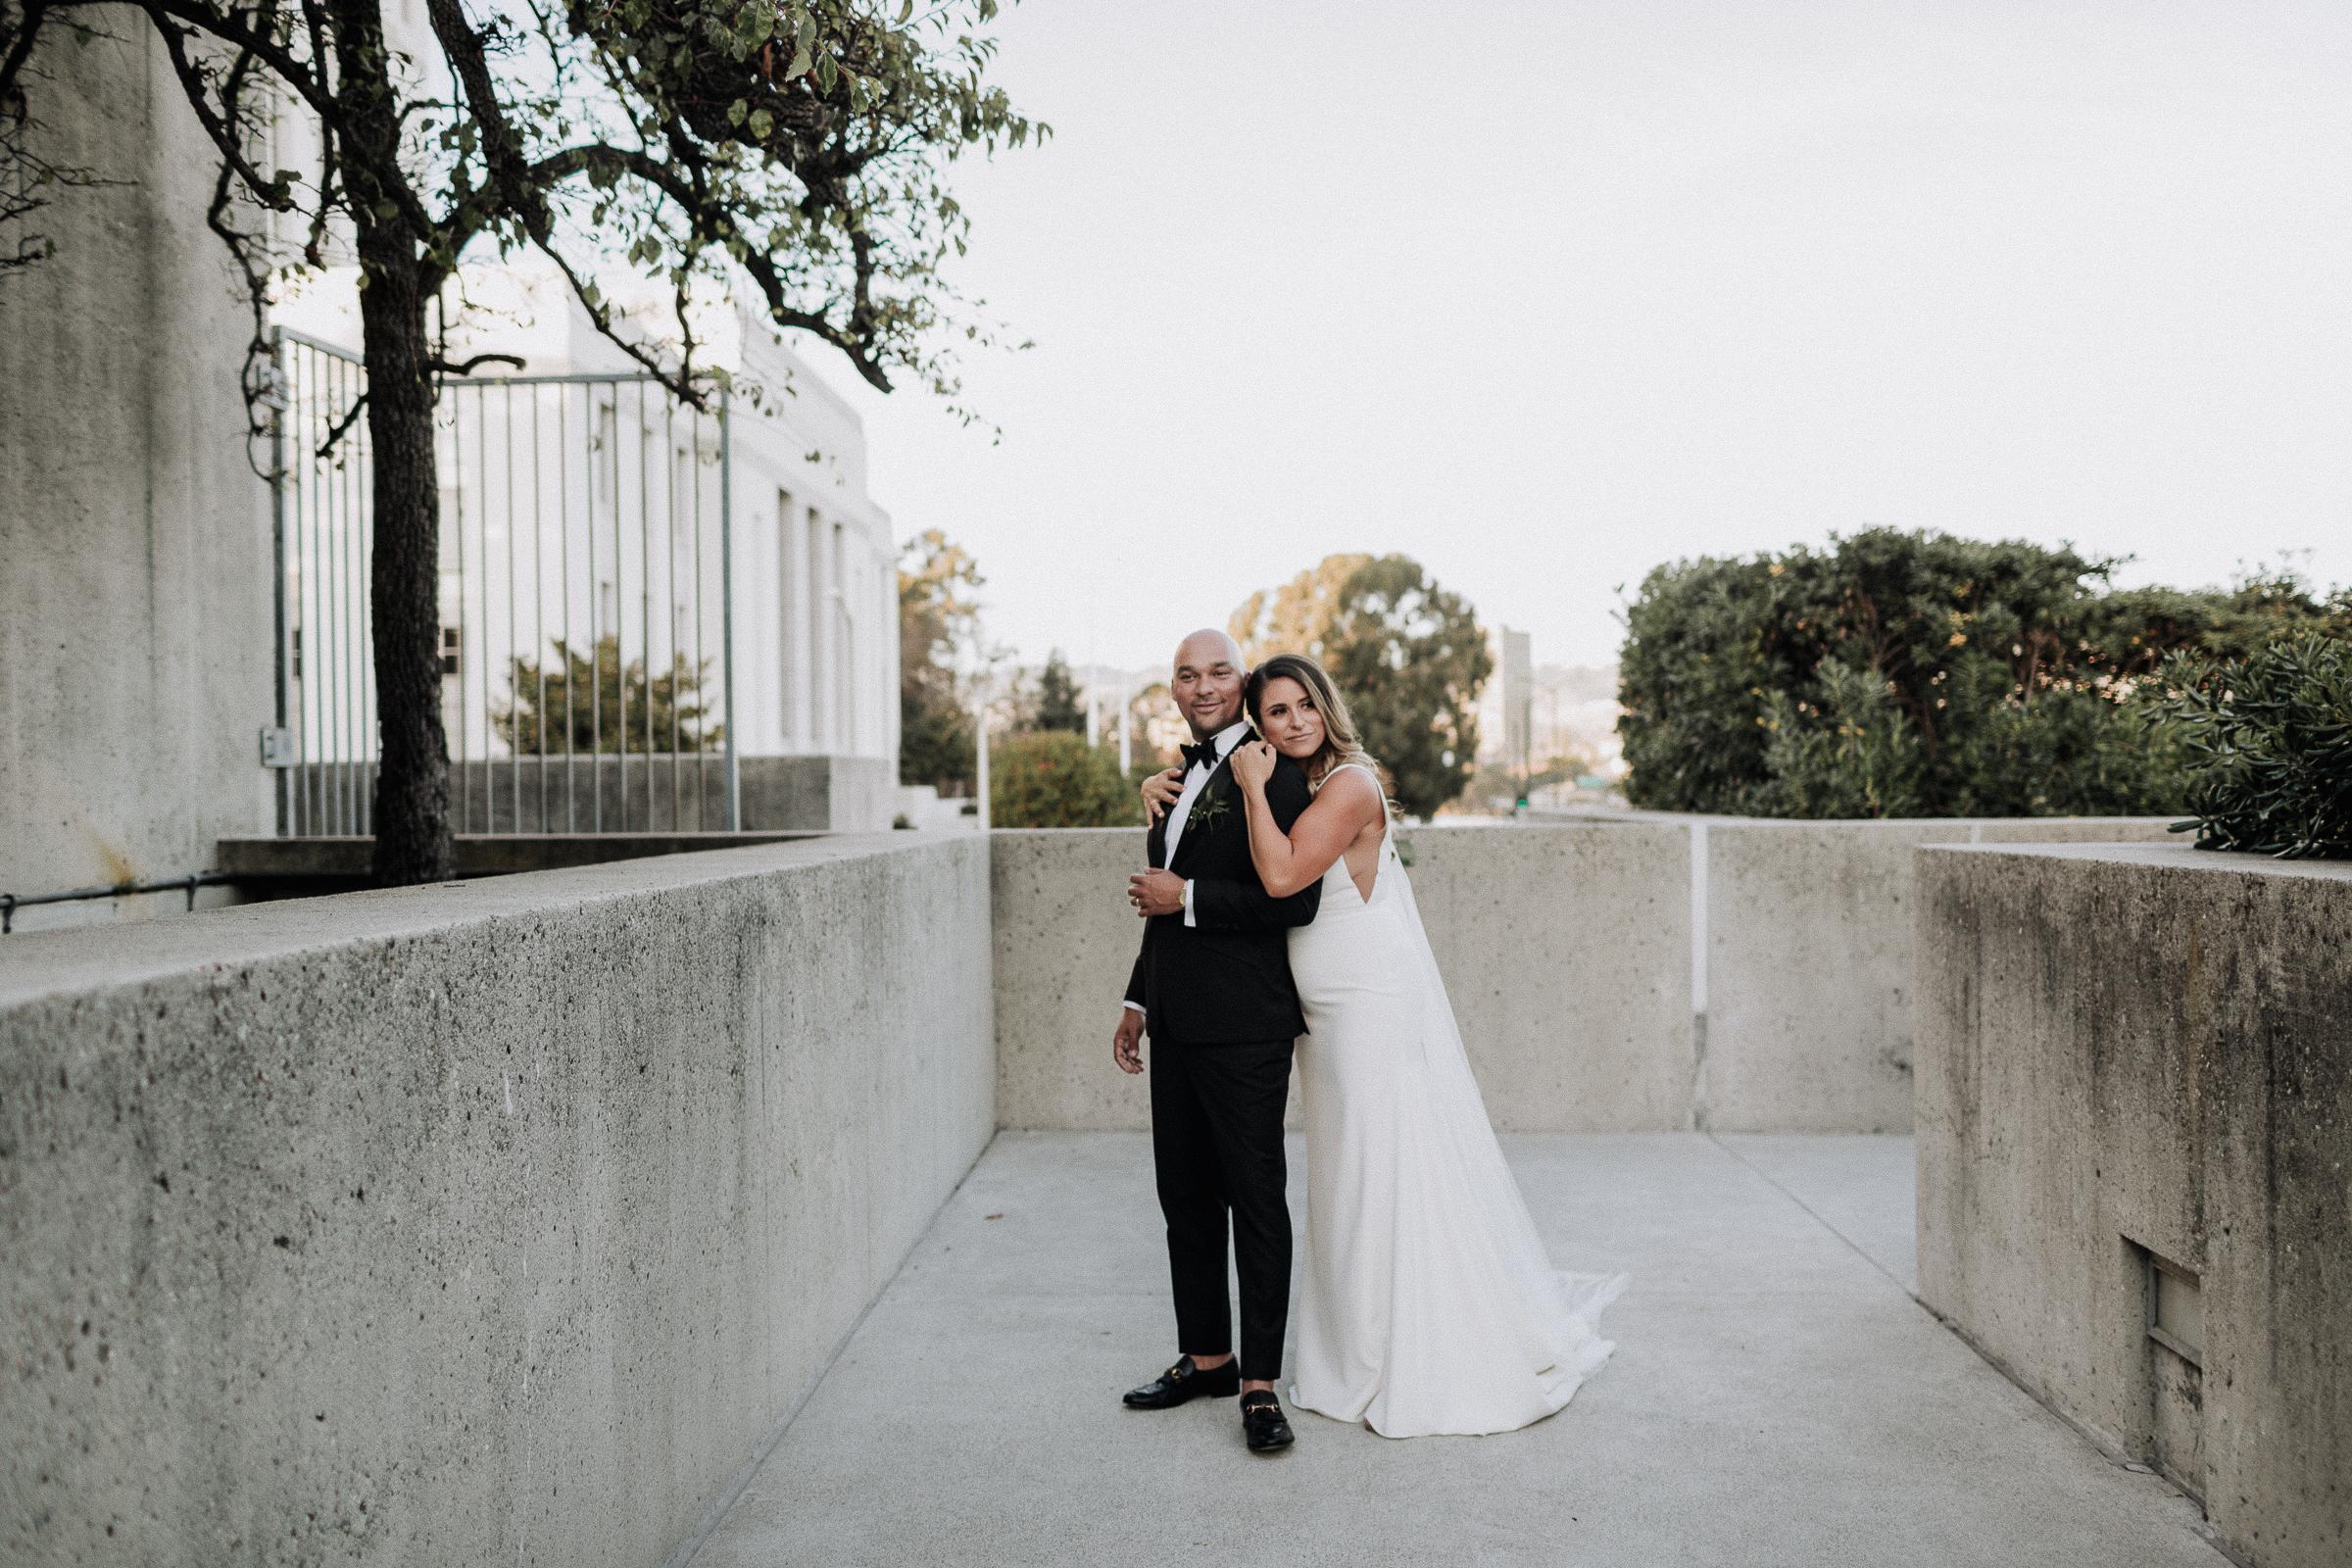 Oakland Museum of California Wedding #fallwedding #modernwedding #minimalswedding #BayAreaWeddingPhotographer #weddingprep #weddingday #weddingceremony #weddingdaydetails #brideandgroom